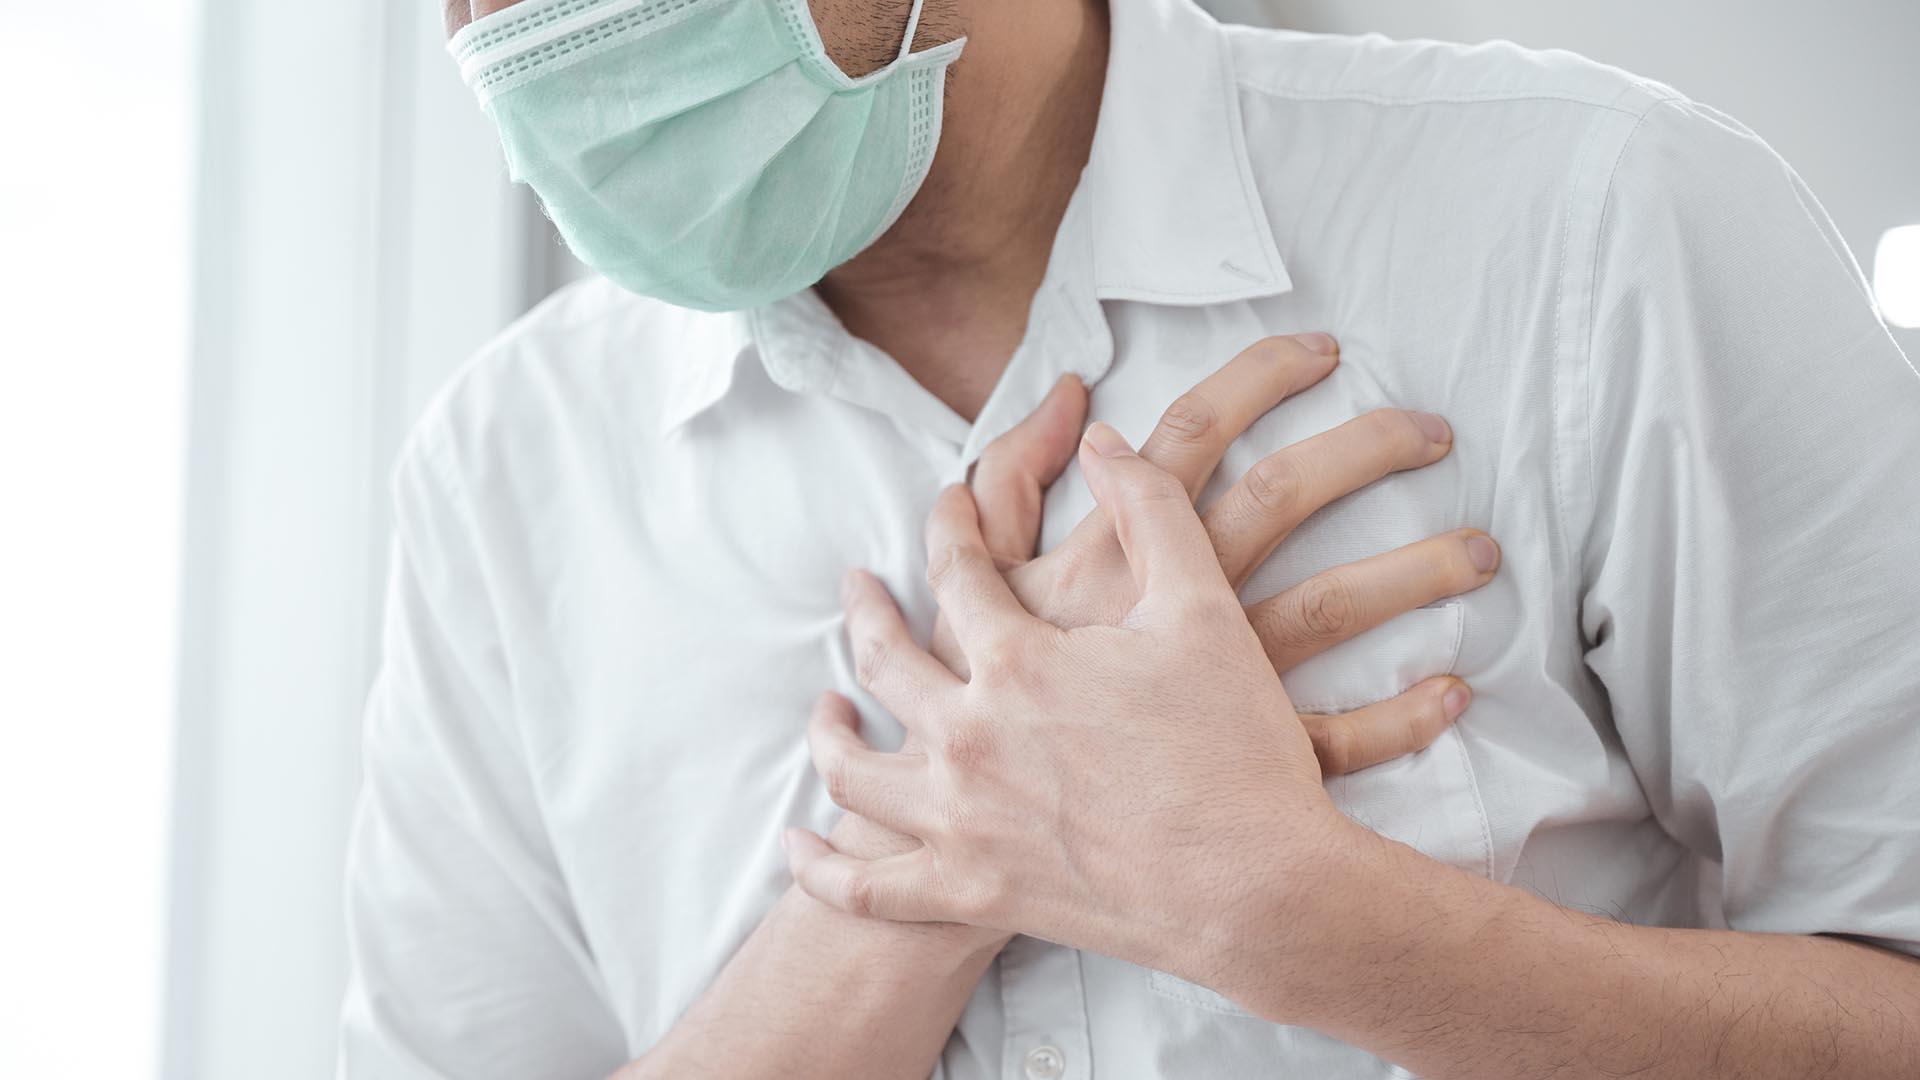 Un estudio halla que el 78% de los pacientes recuperados de COVID-19  desarrollan afecciones cardíacas - Infobae